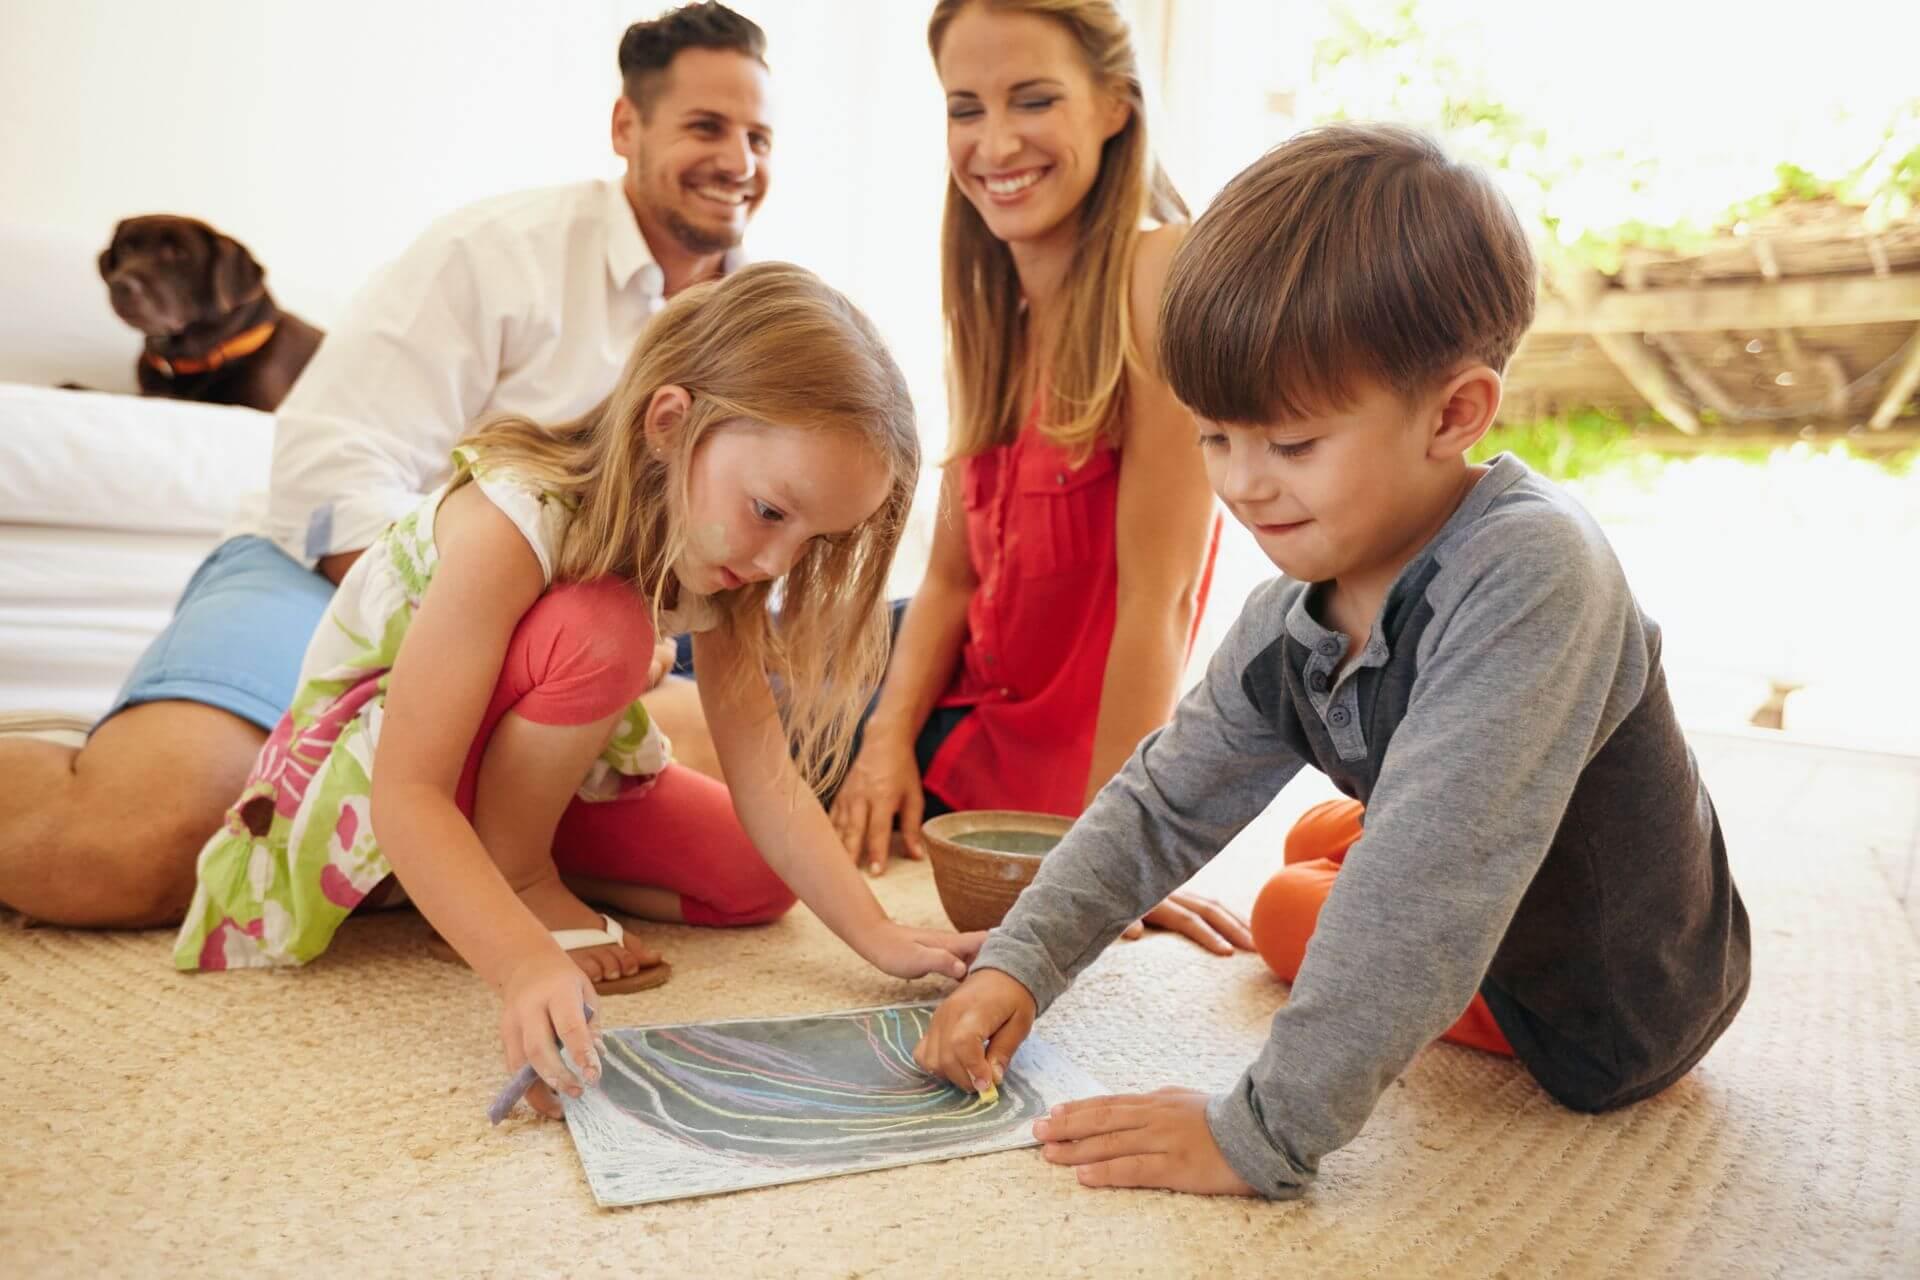 как воспитать ребенка без наказаний и крика